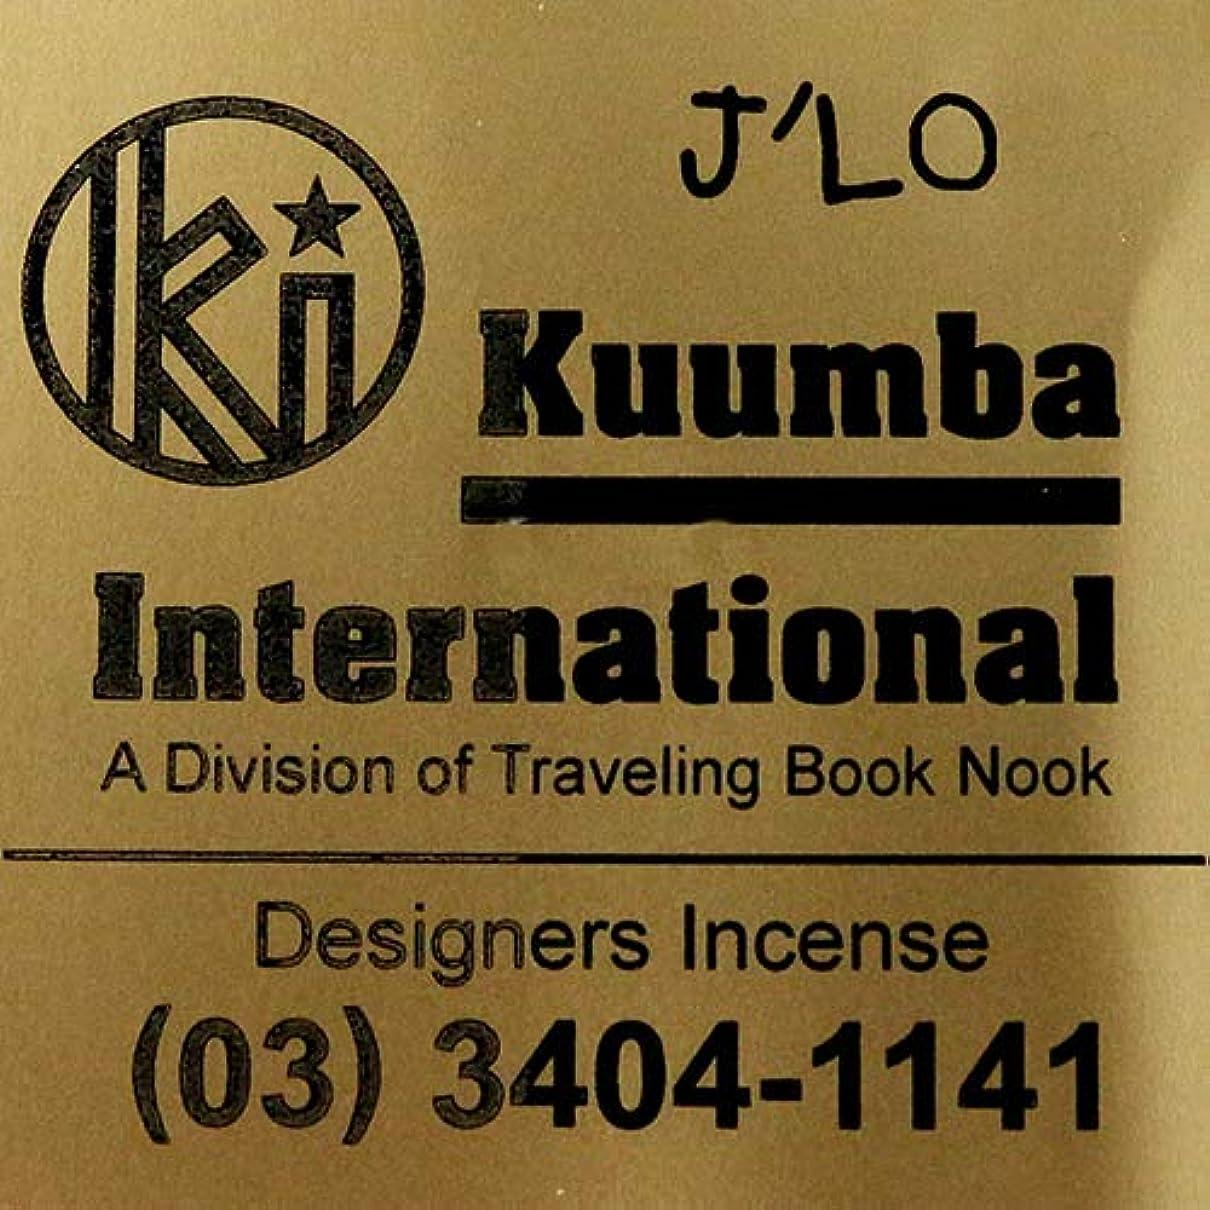 肘おもちゃ葡萄(クンバ) KUUMBA『incense』(J'LO) (J'LO, Regular size)